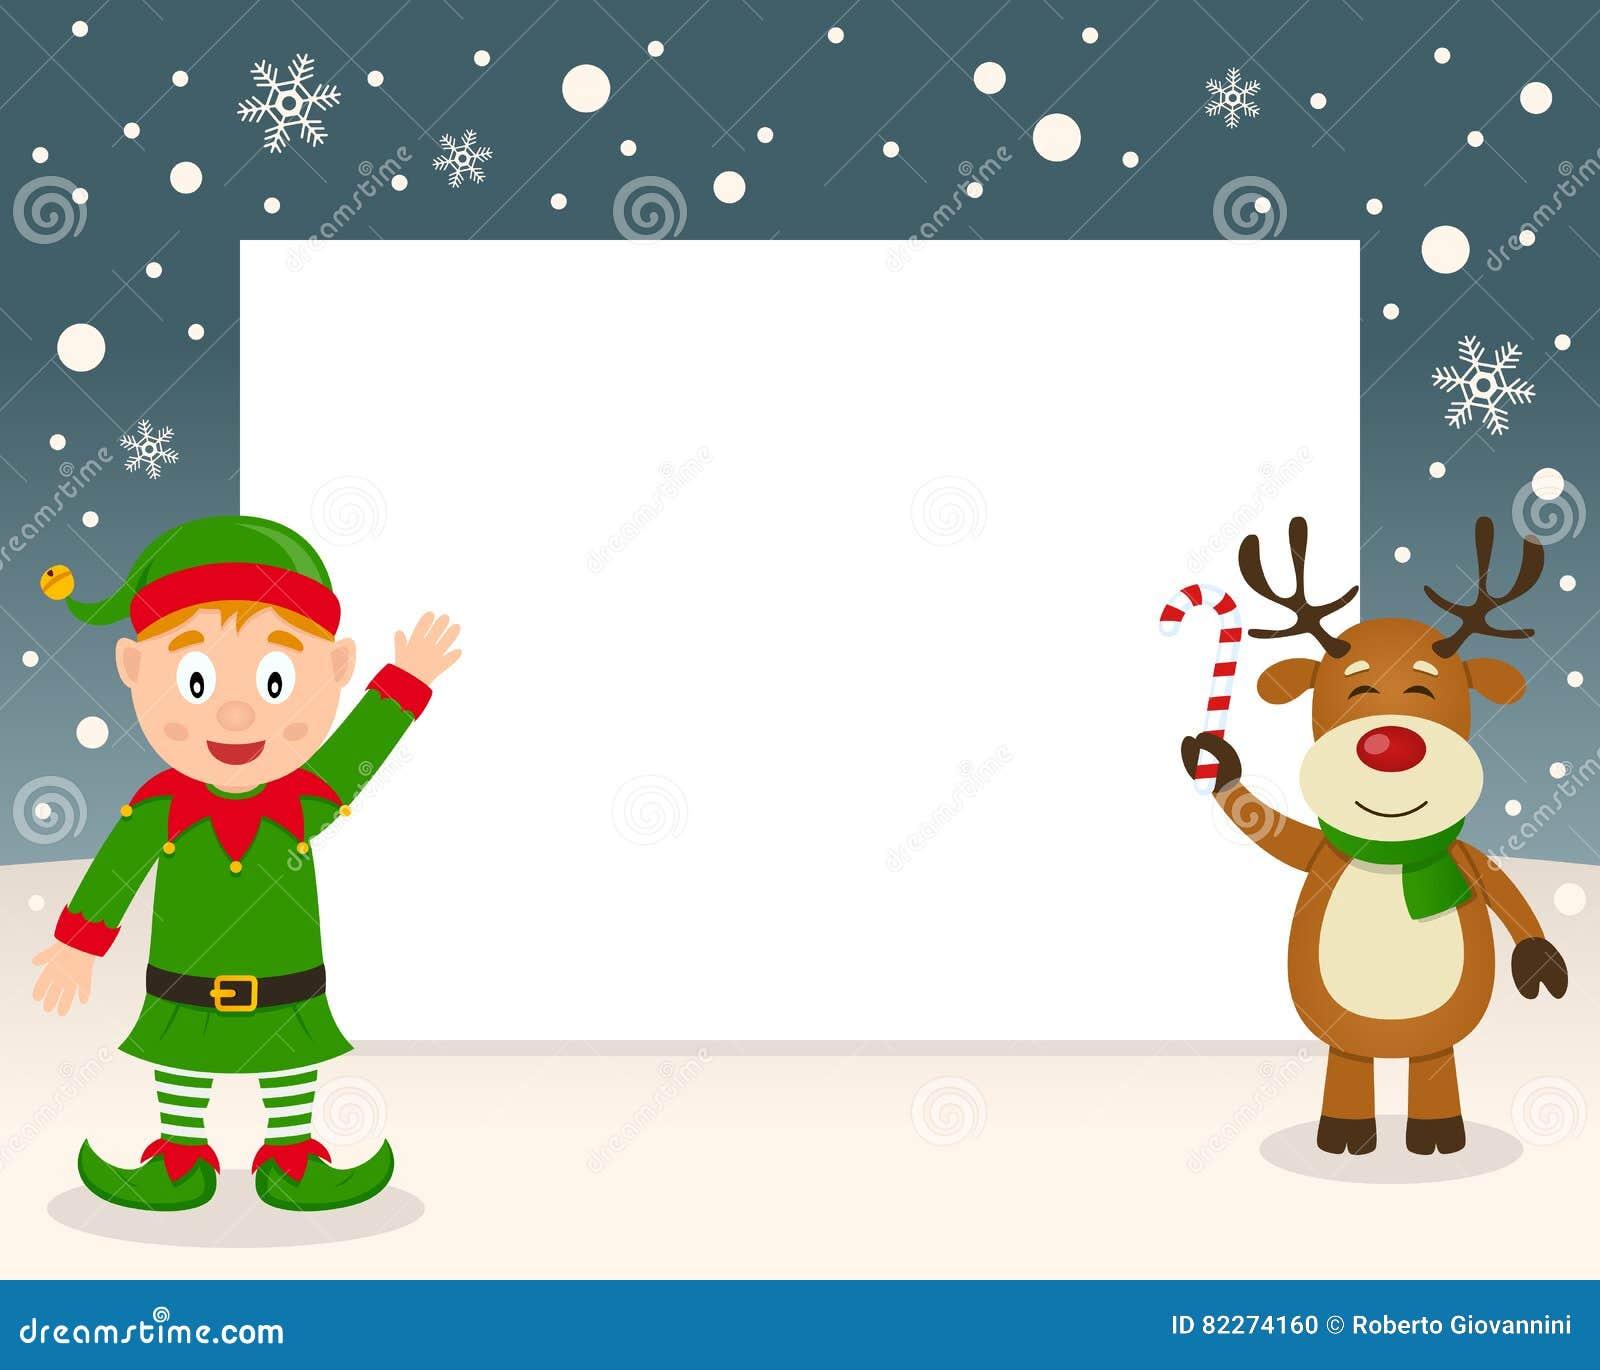 Funny Elf And Reindeer Cartoon Vector Cartoondealer Com